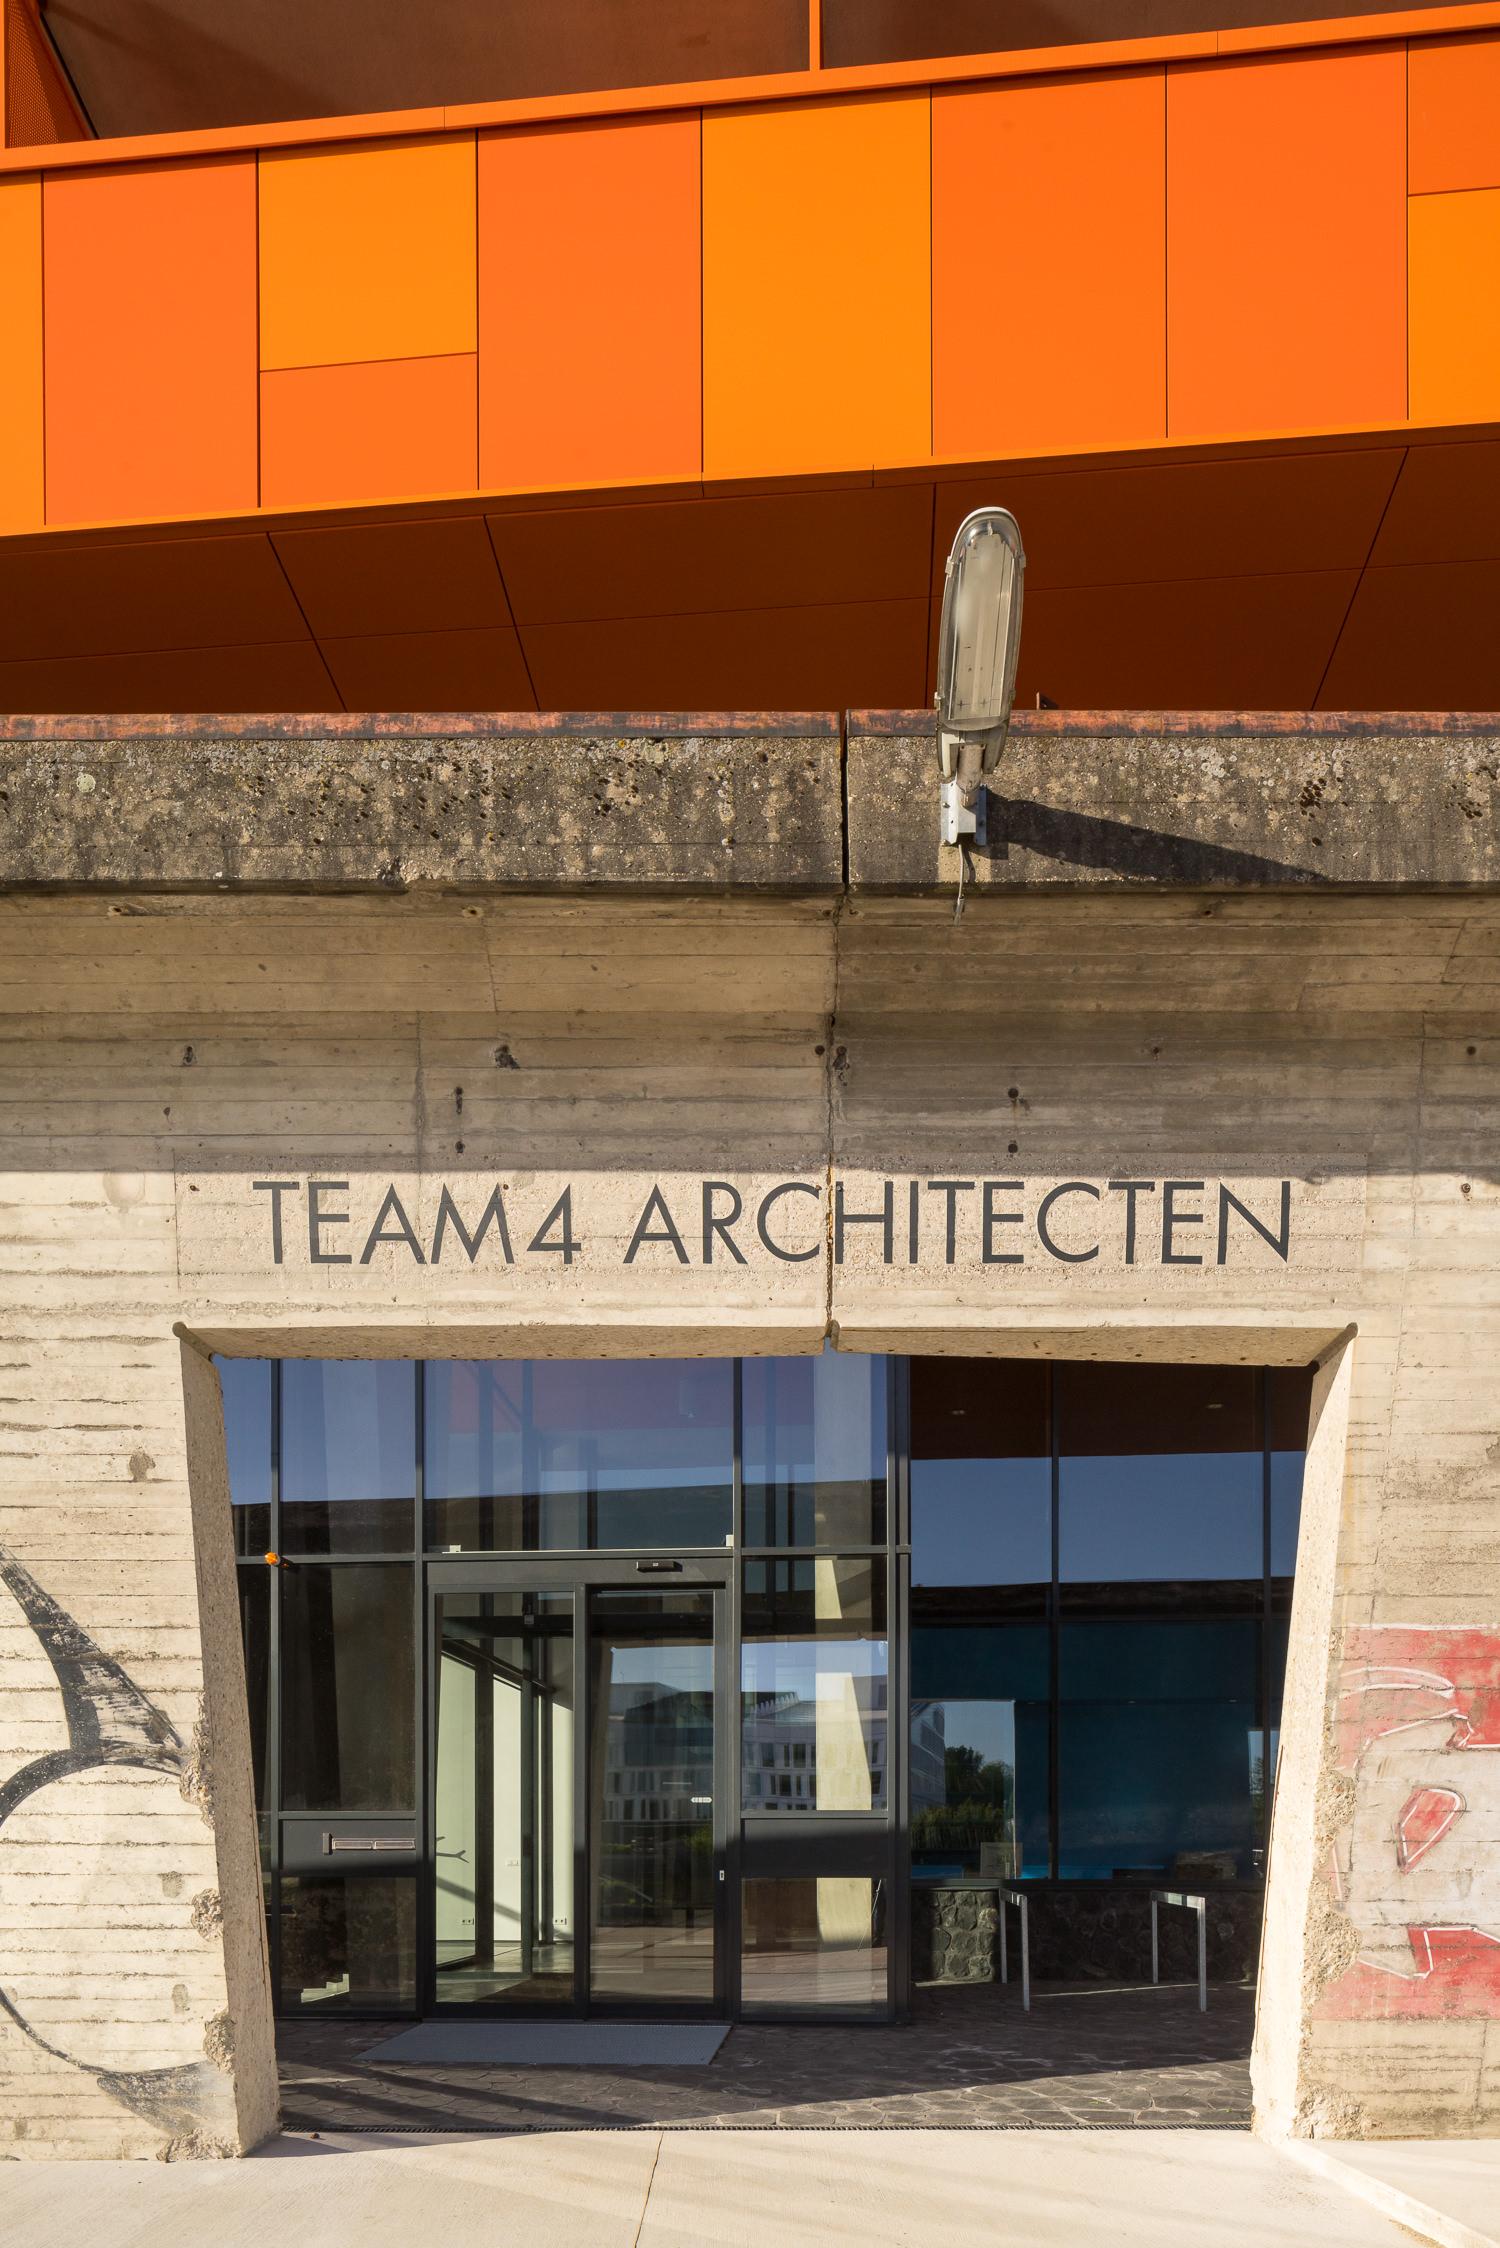 team-4-architectuur-interieur-fotografie-mark-hadden-london-amsterdam-architecture-photographer-019.jpg